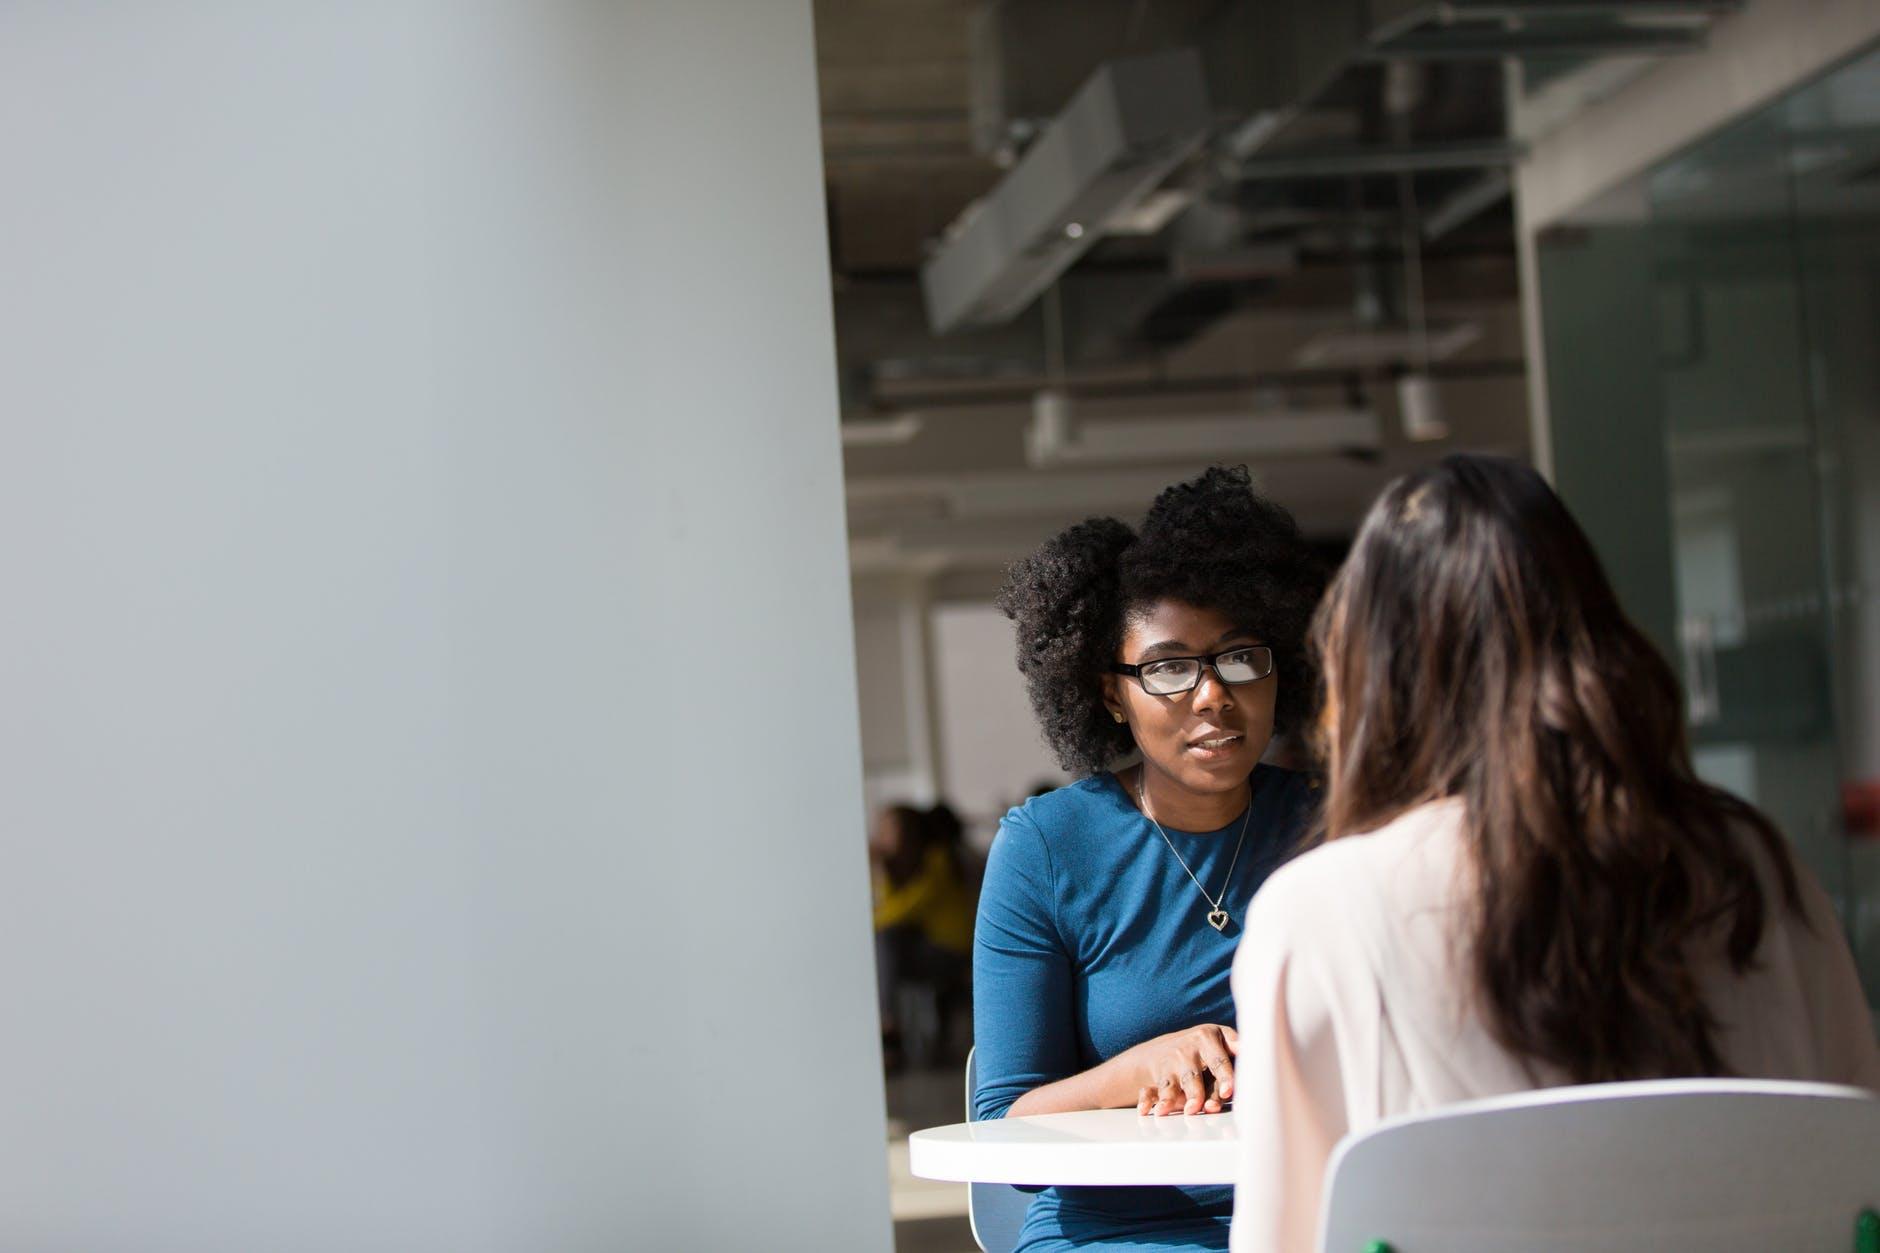 parler ne pas avoir honte 7 erreurs éviter crise d'angoisse